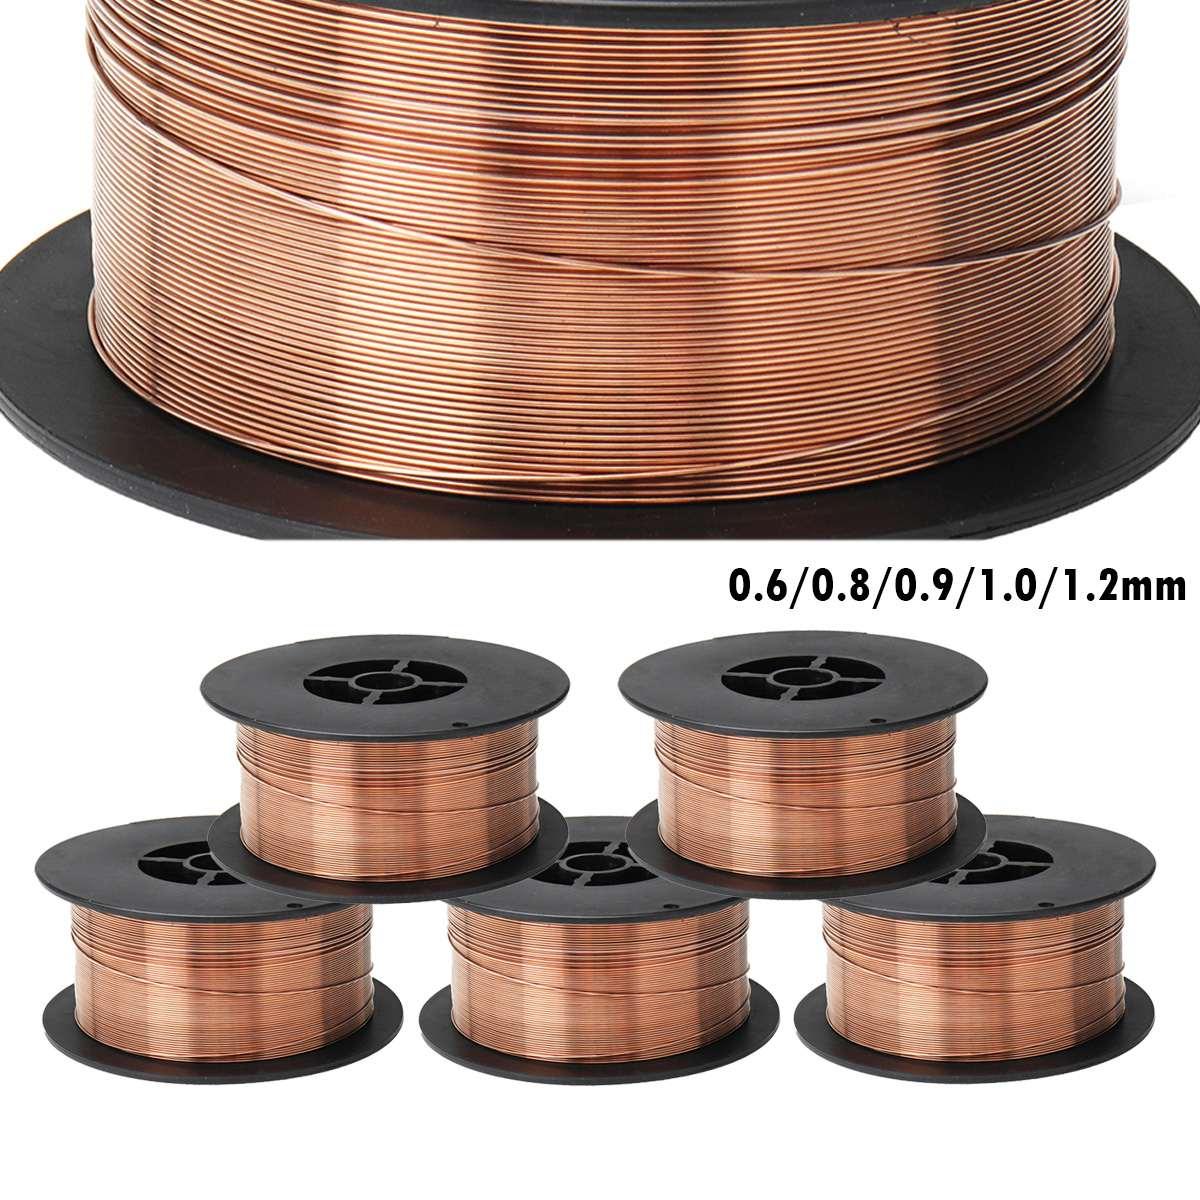 0.6/0.8/0.9/1.0/1.2mm 1KG Carbon Steel…